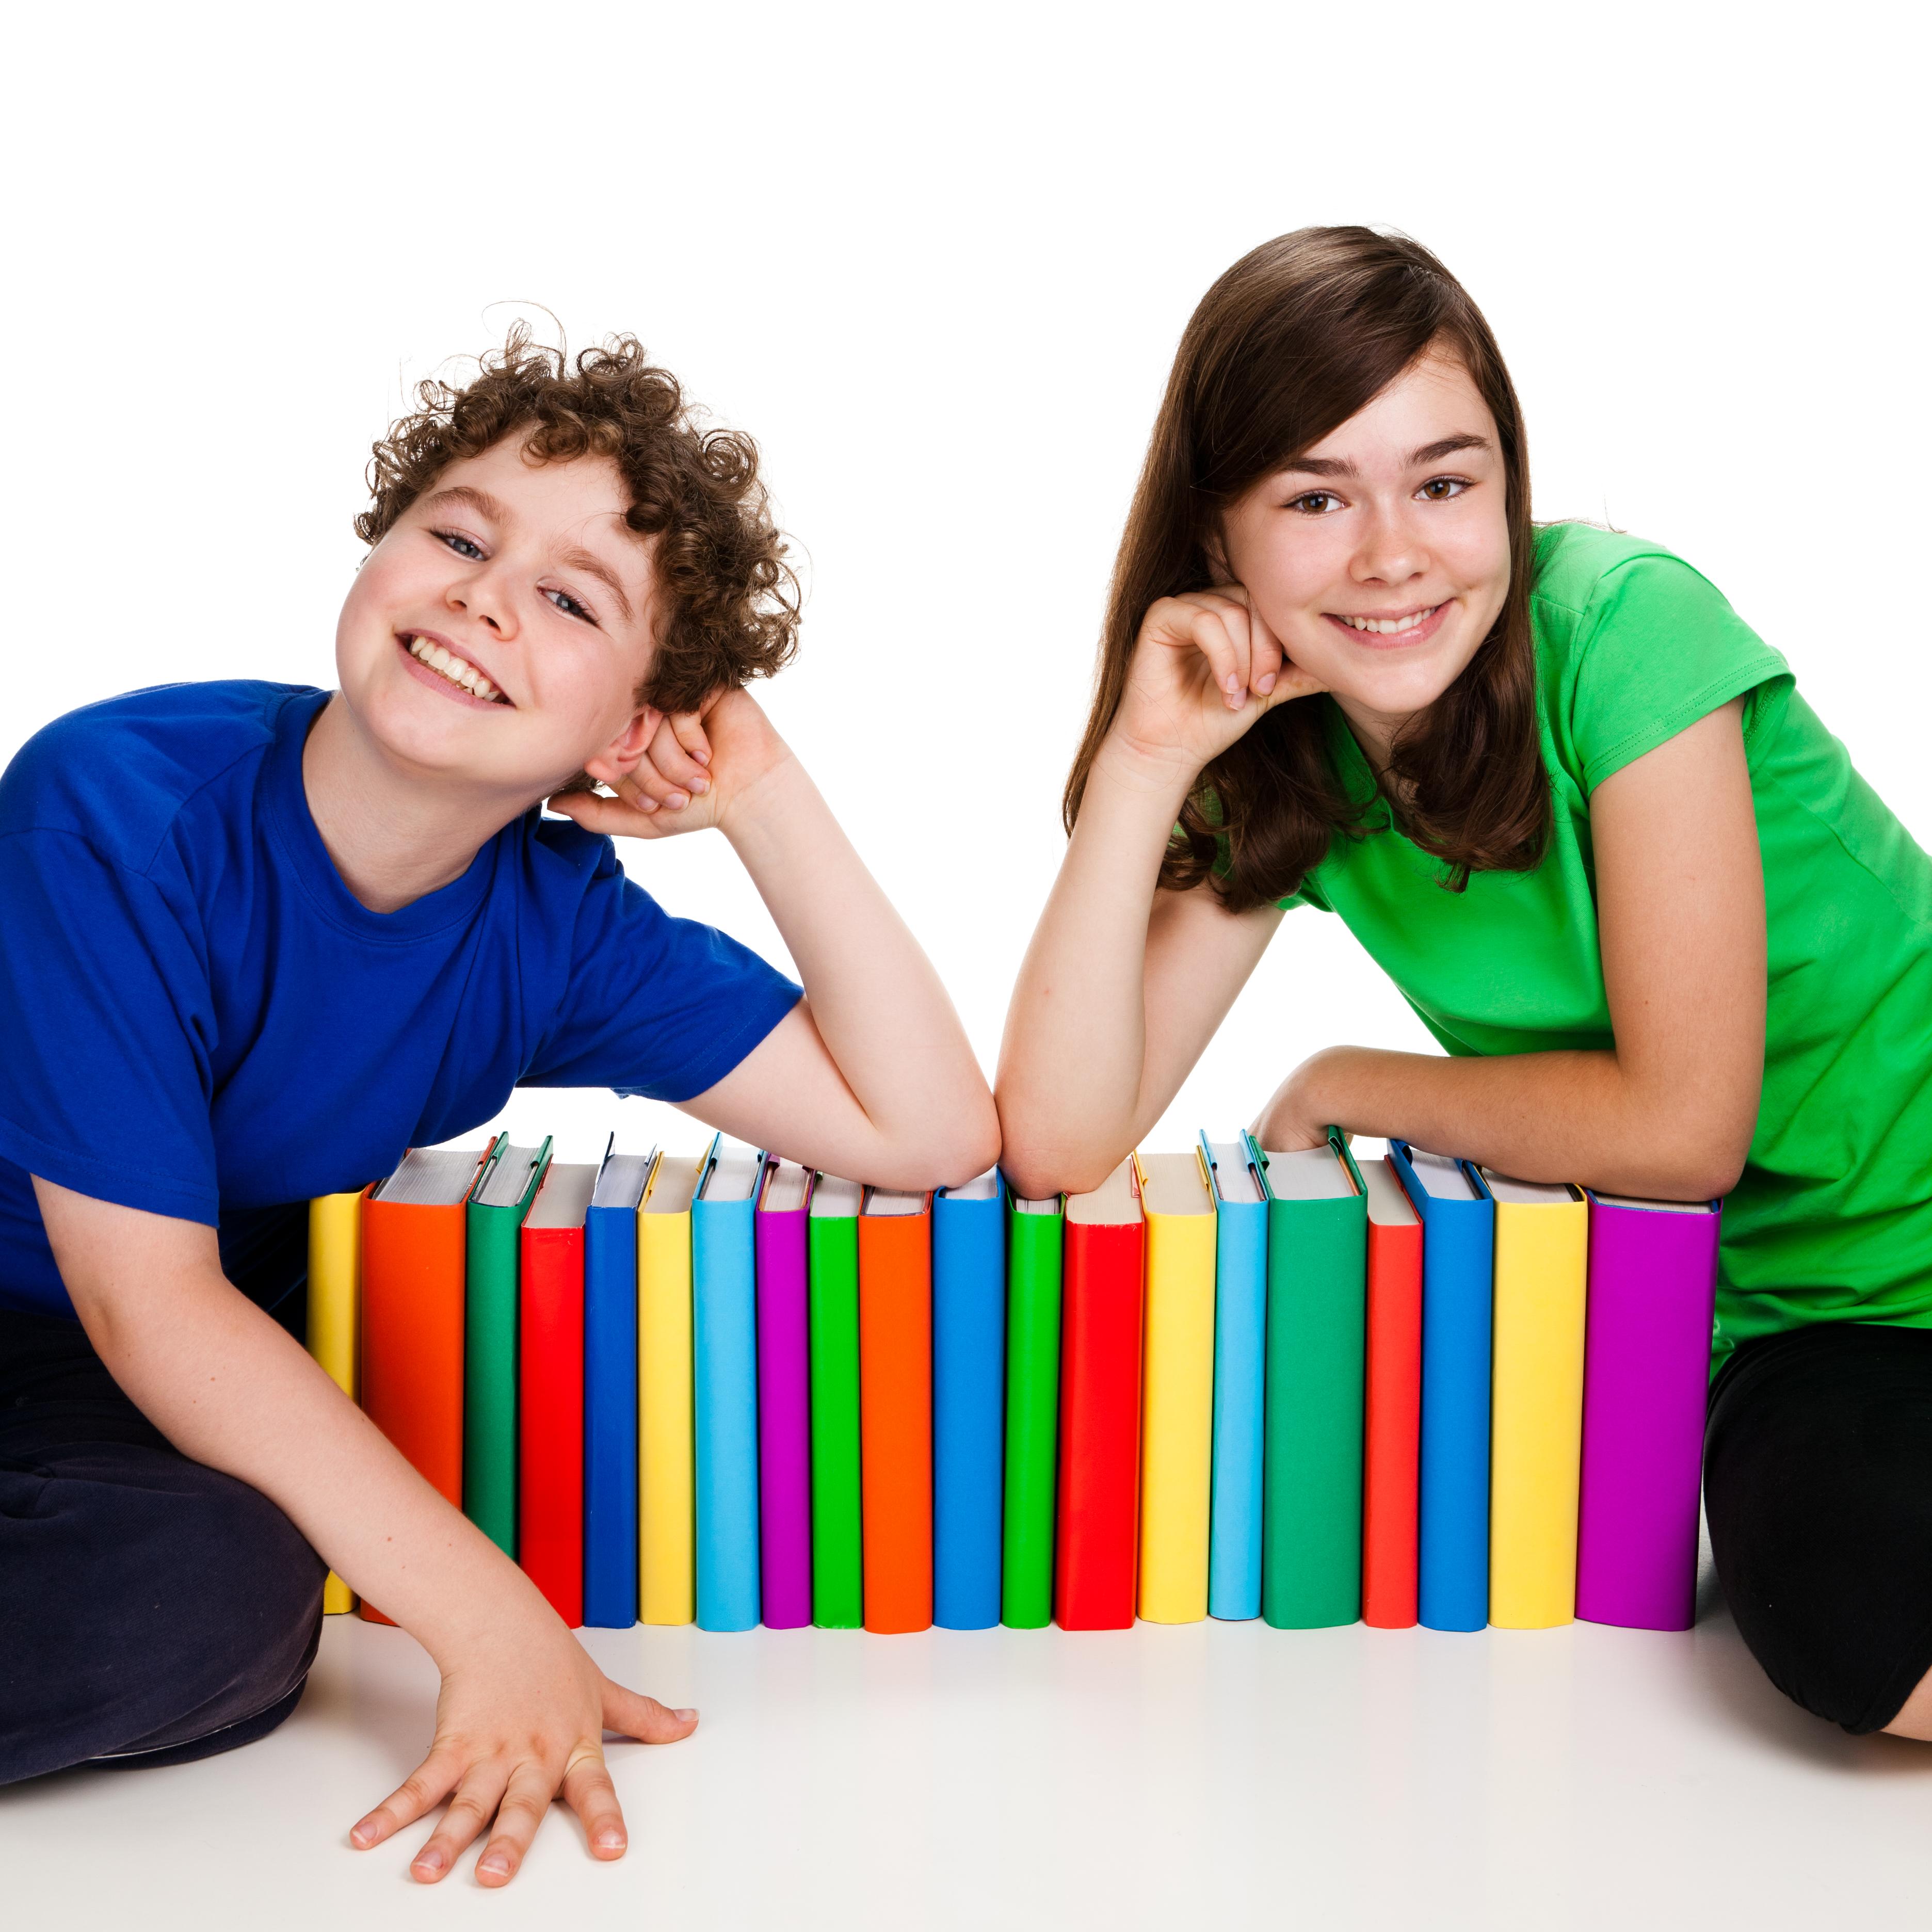 5 libros de poesía para niños de 7 a 10 años